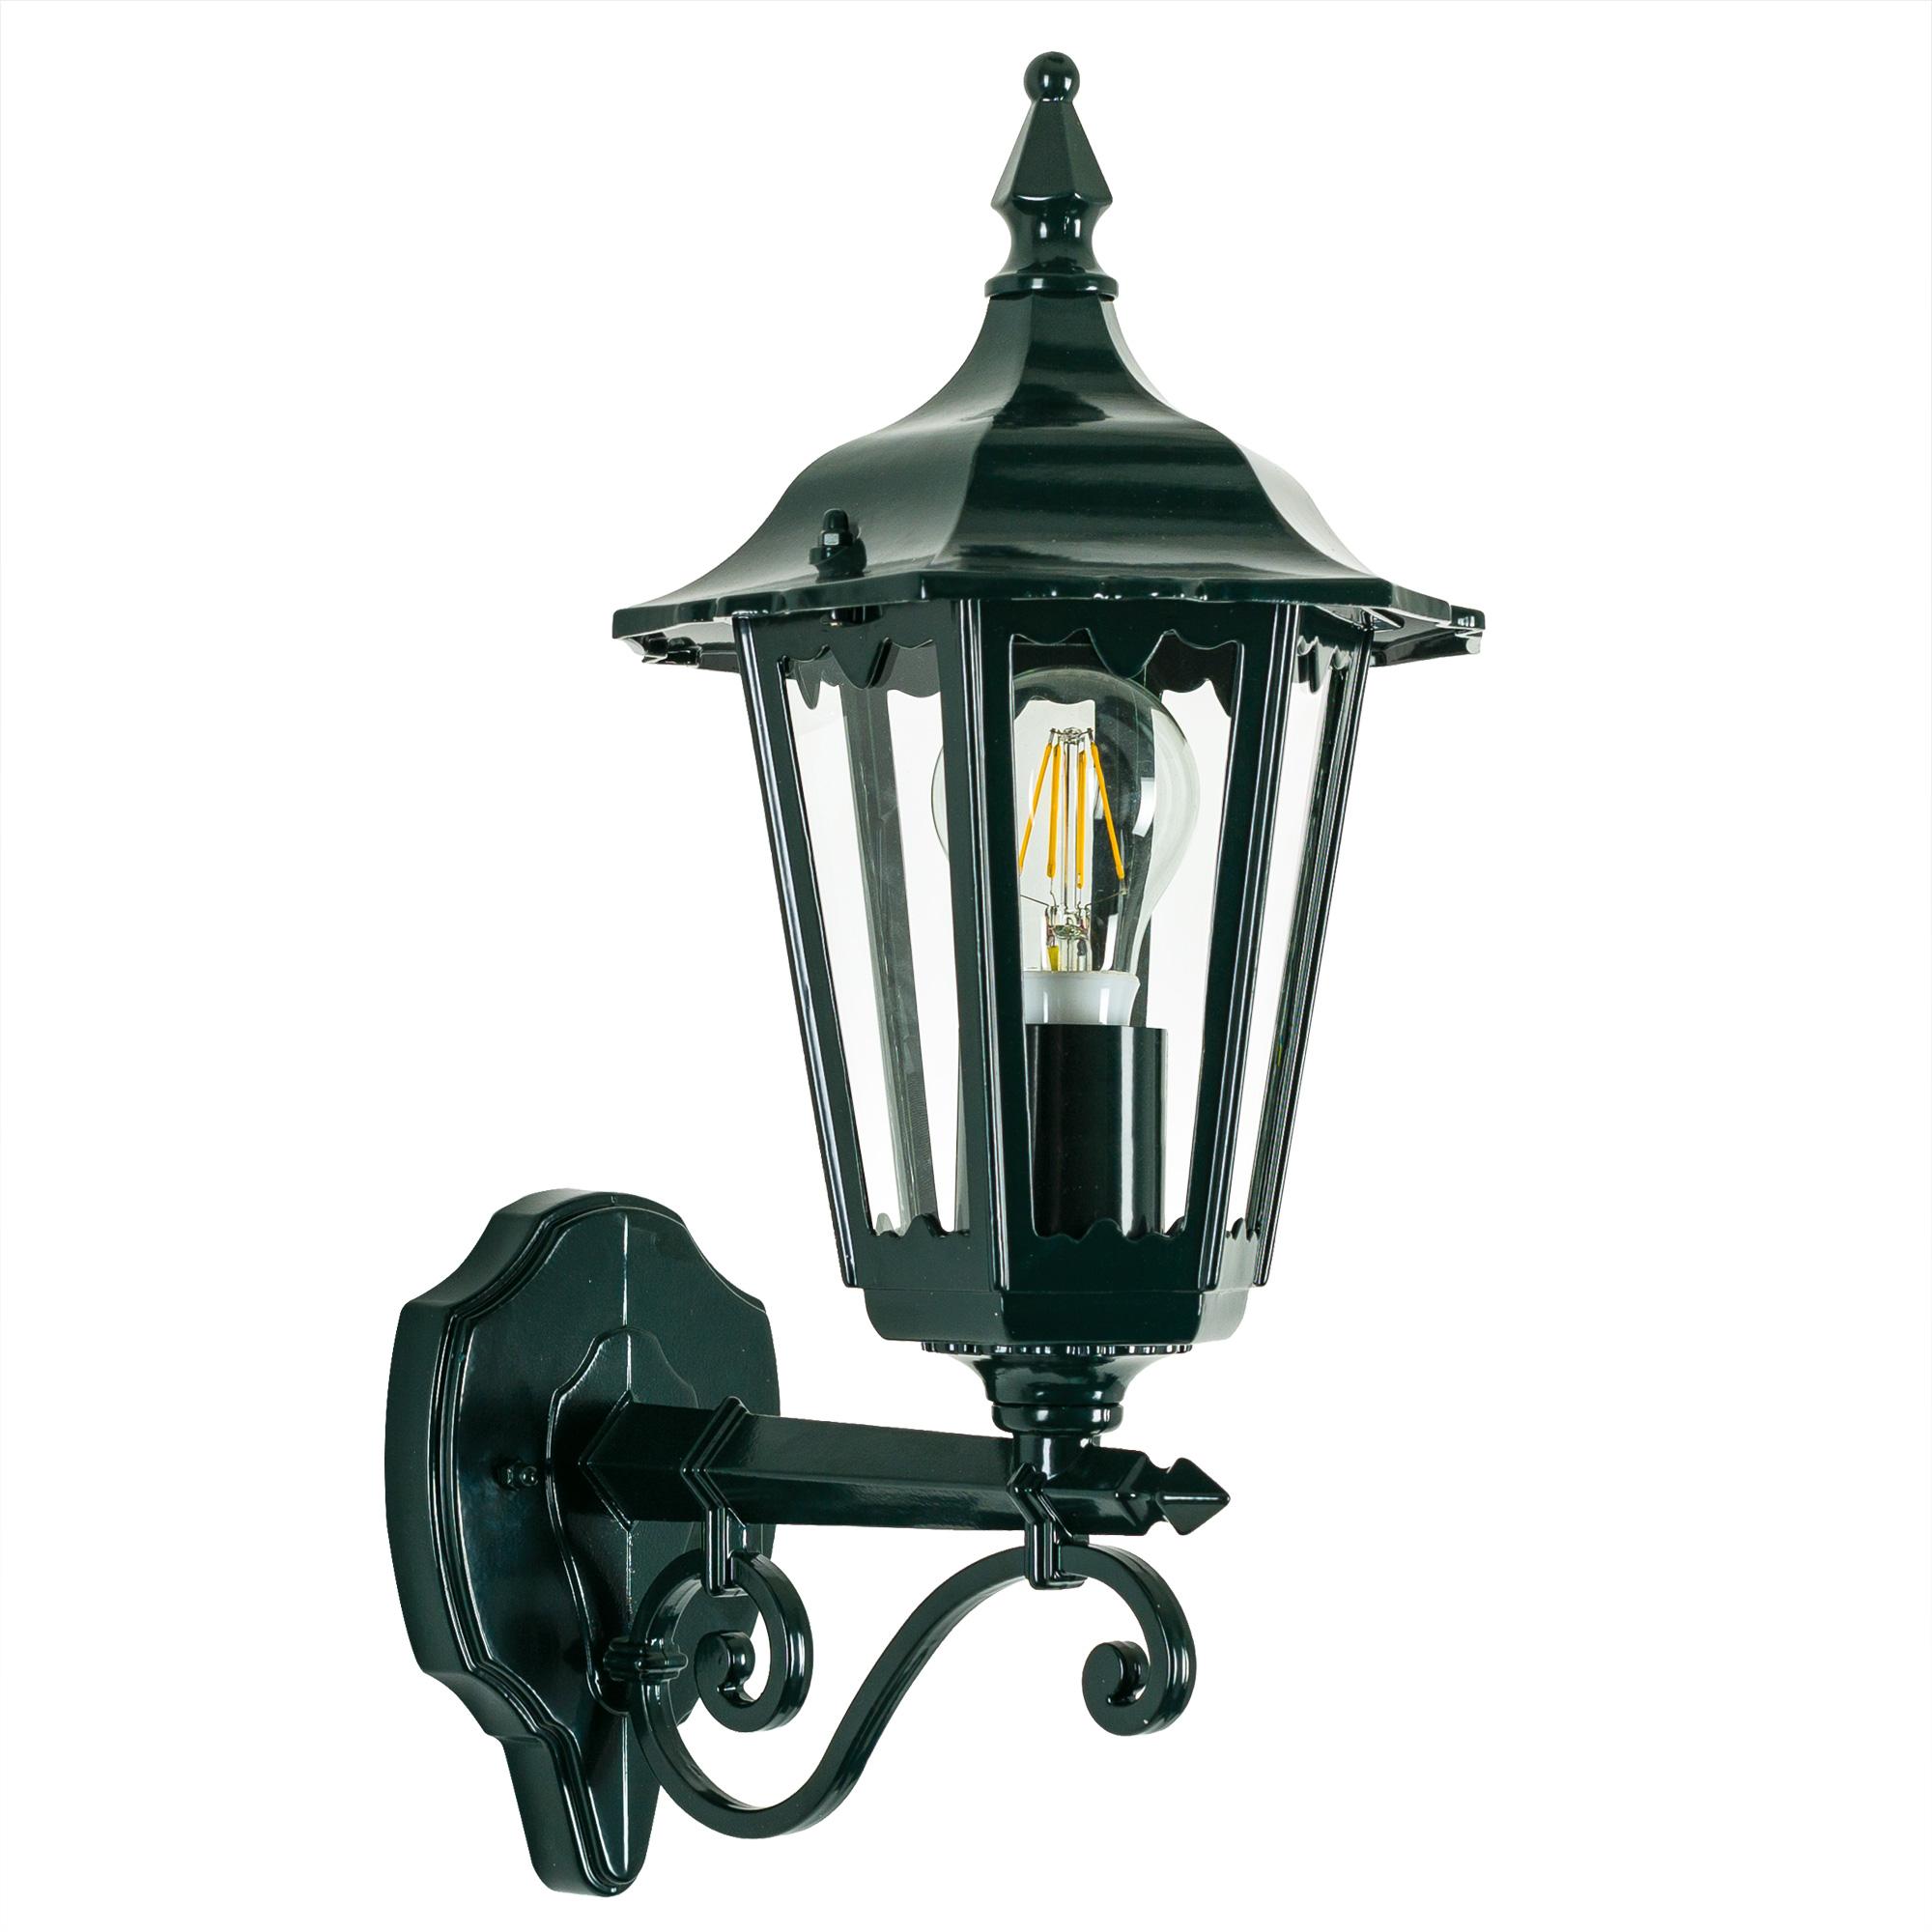 Buitenlamp Sfeero staand Dag Nacht Schemersensor LED